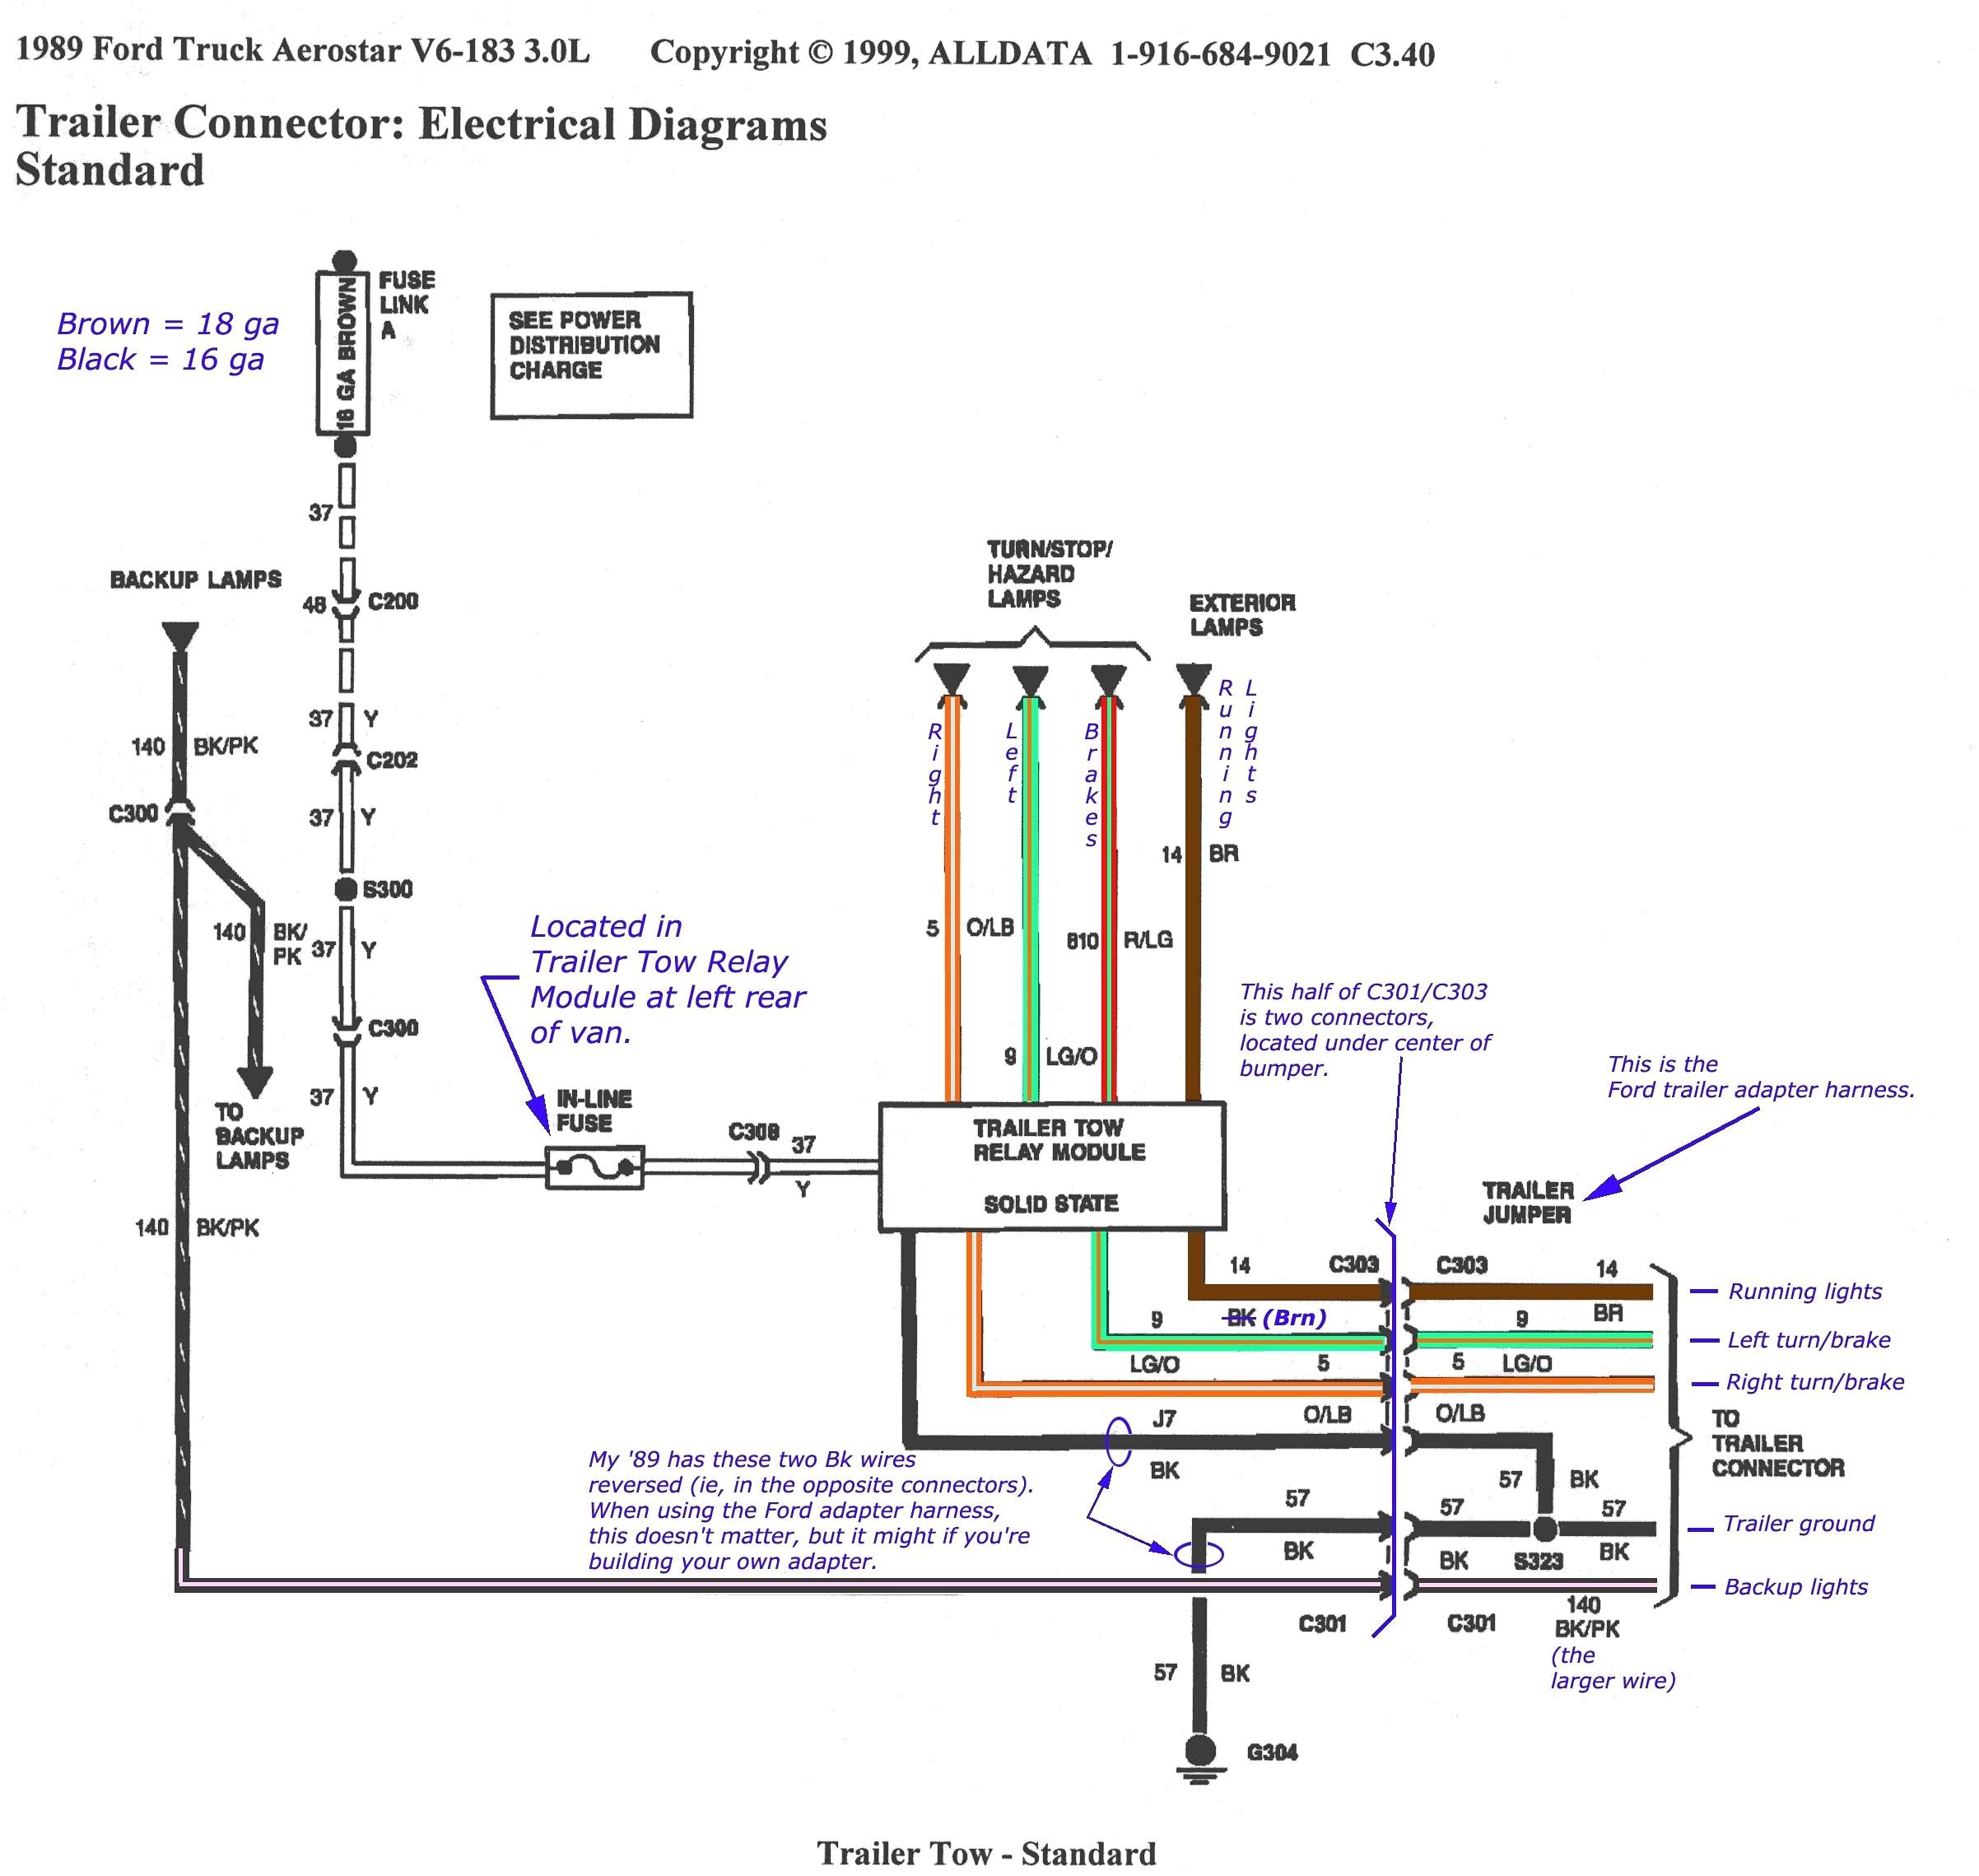 f450 wiring diagram wiring diagram blog 2006 ford f450 trailer wiring diagram f450 trailer wiring diagram